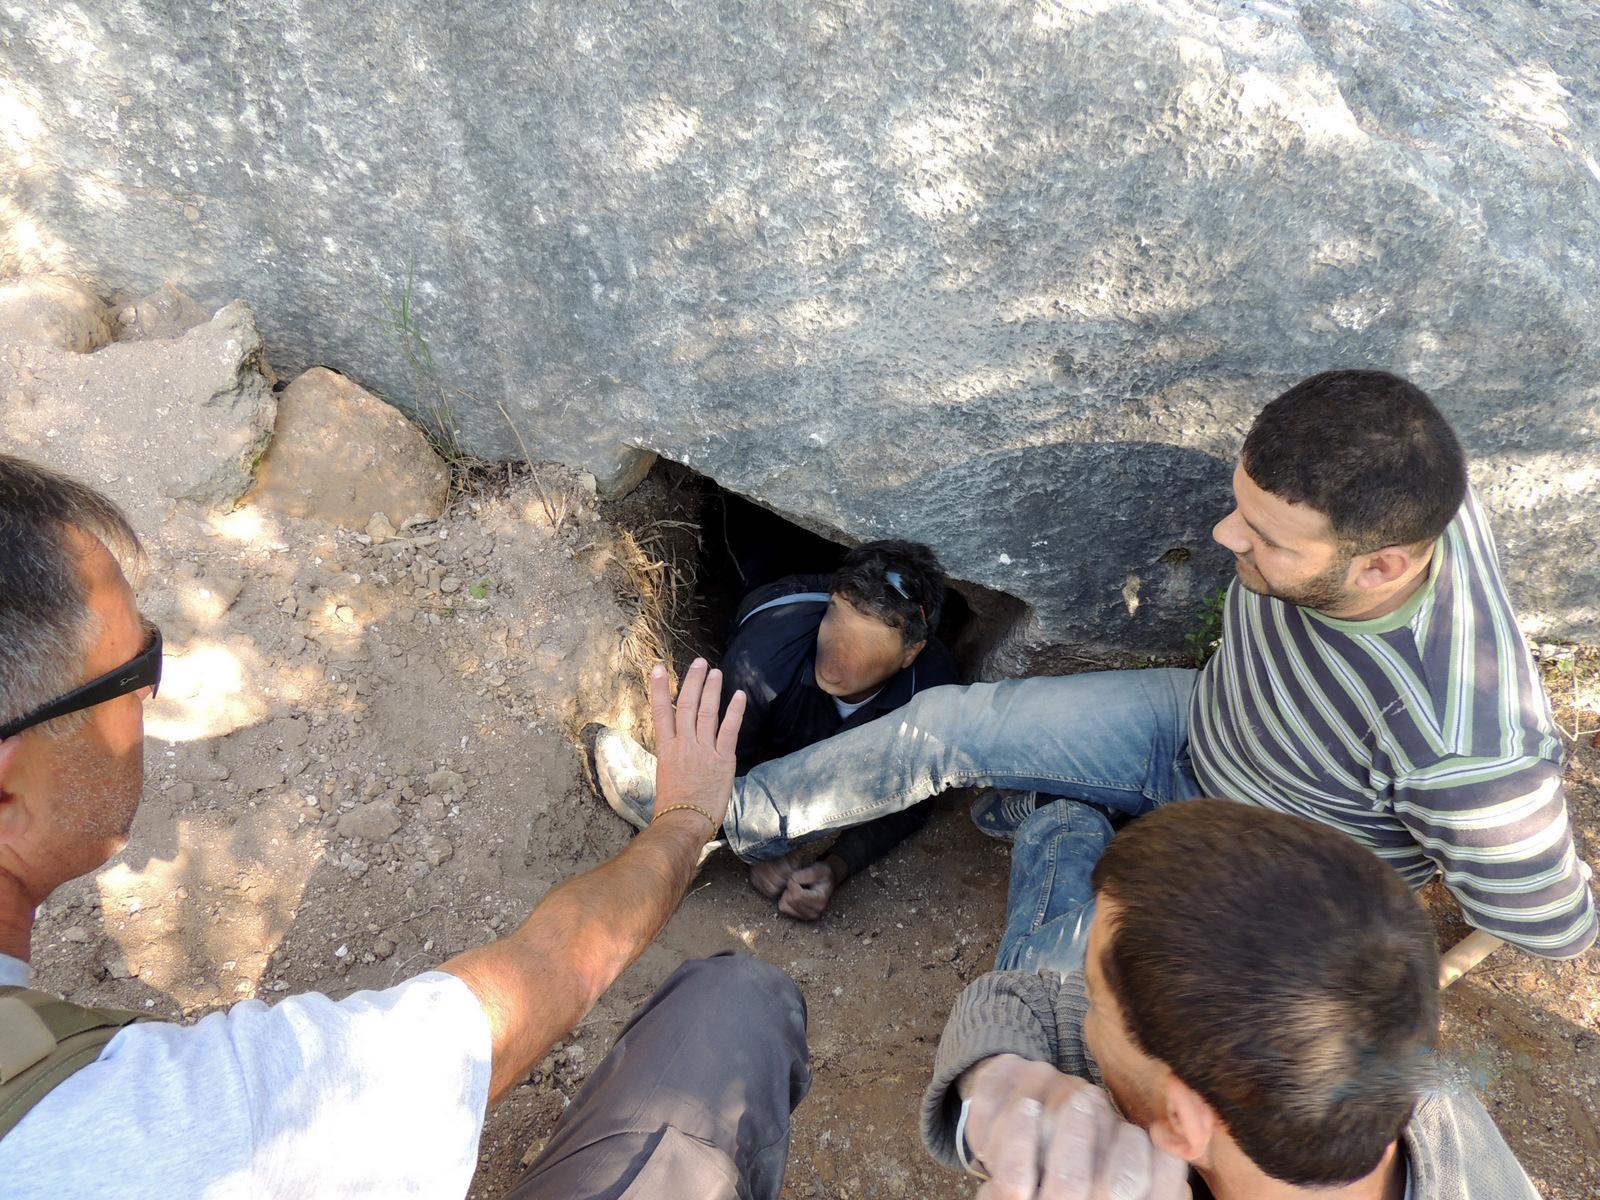 מאירוע התפיסה (פני החשוד היוצא מן המערה טושטשו) צילום: היחידה למניעת שוד ברשות העתיקות